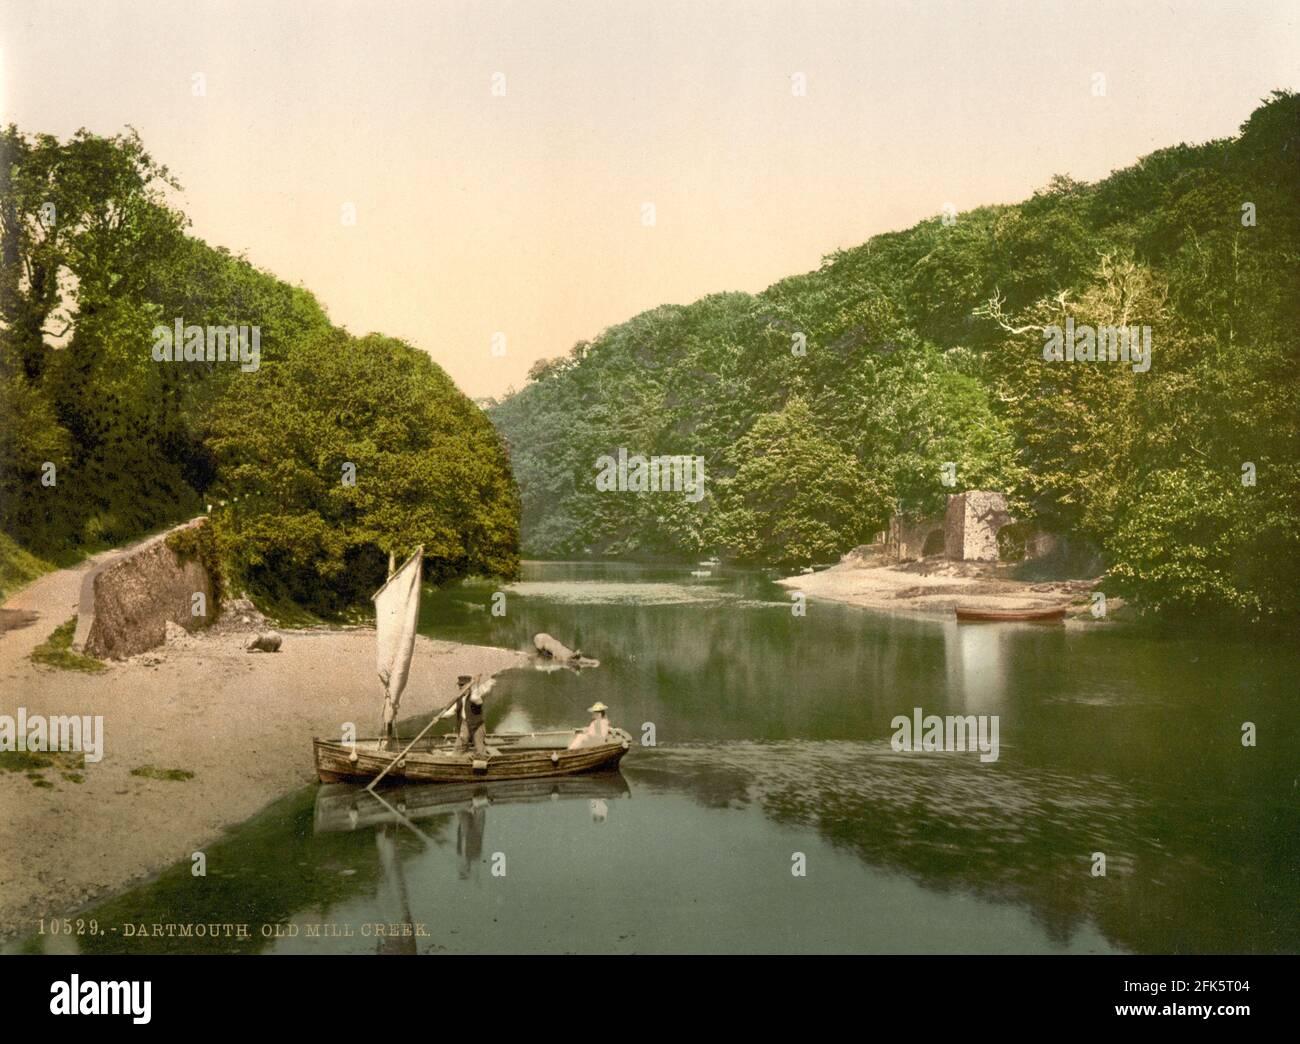 Old Mill Creek sur la rivière Dart dans Devon vers 1890-1900 Banque D'Images